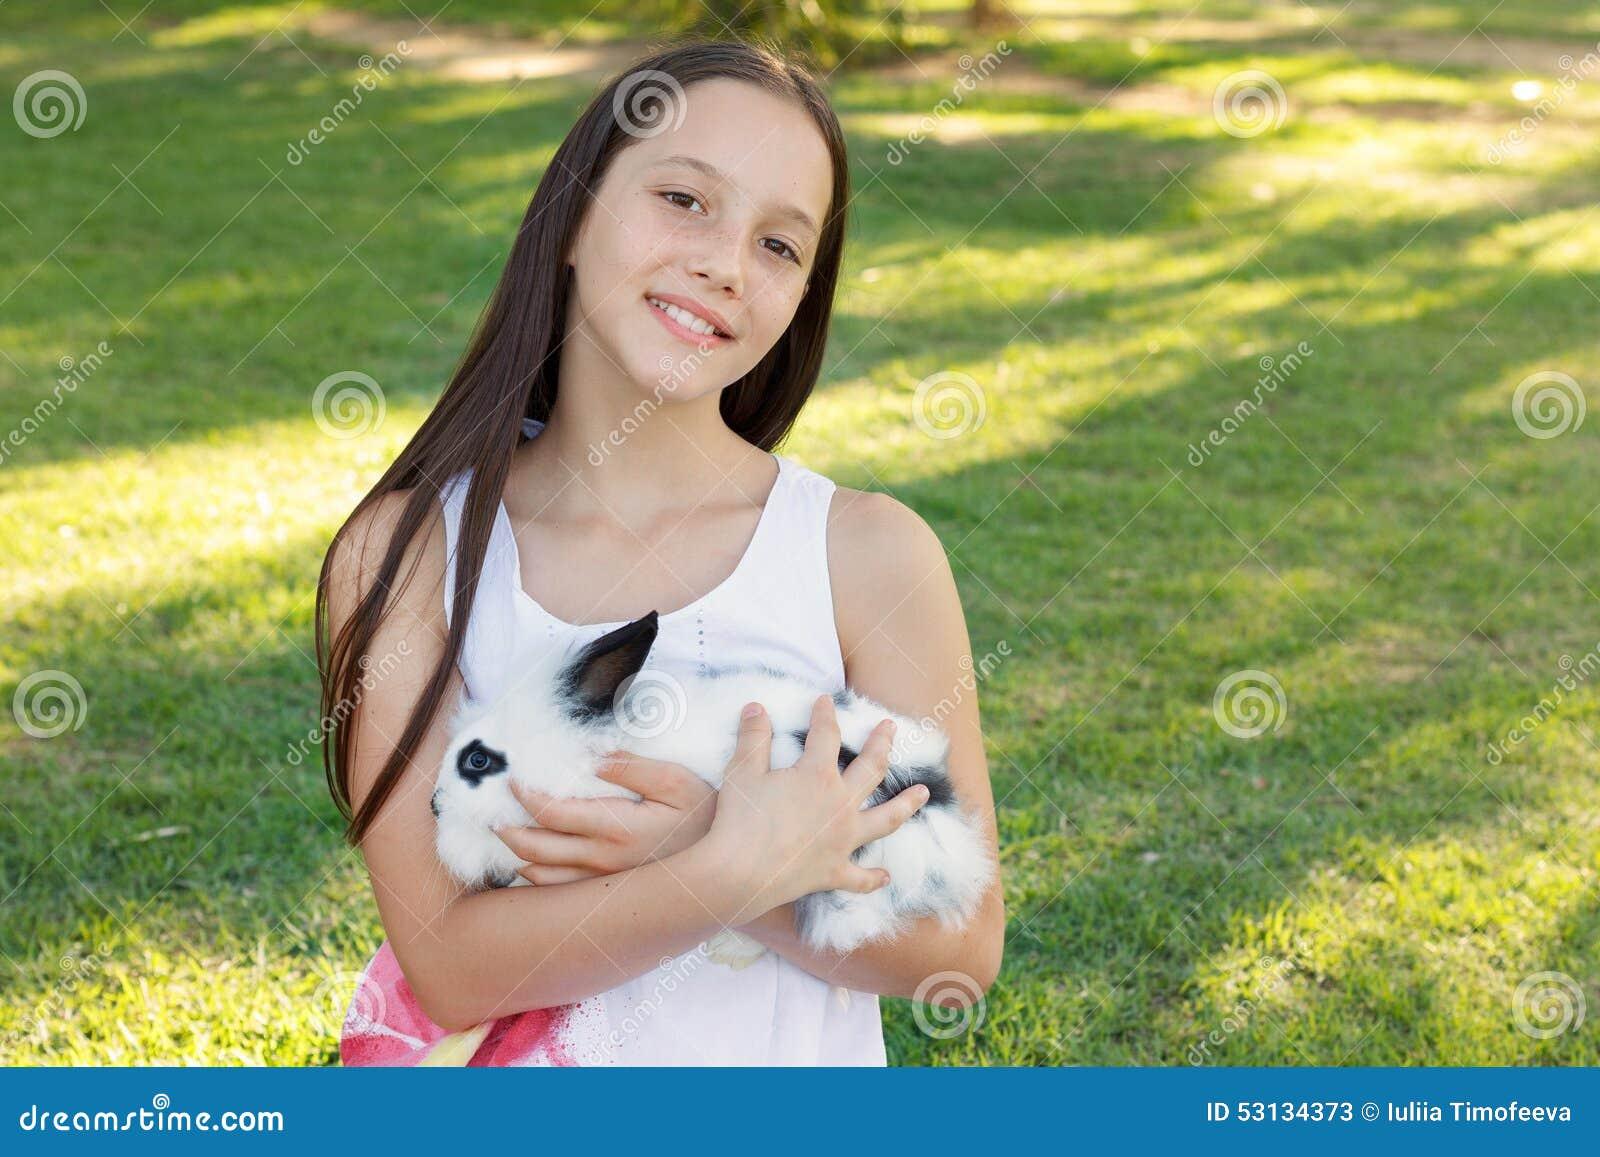 Baby White Teens 67